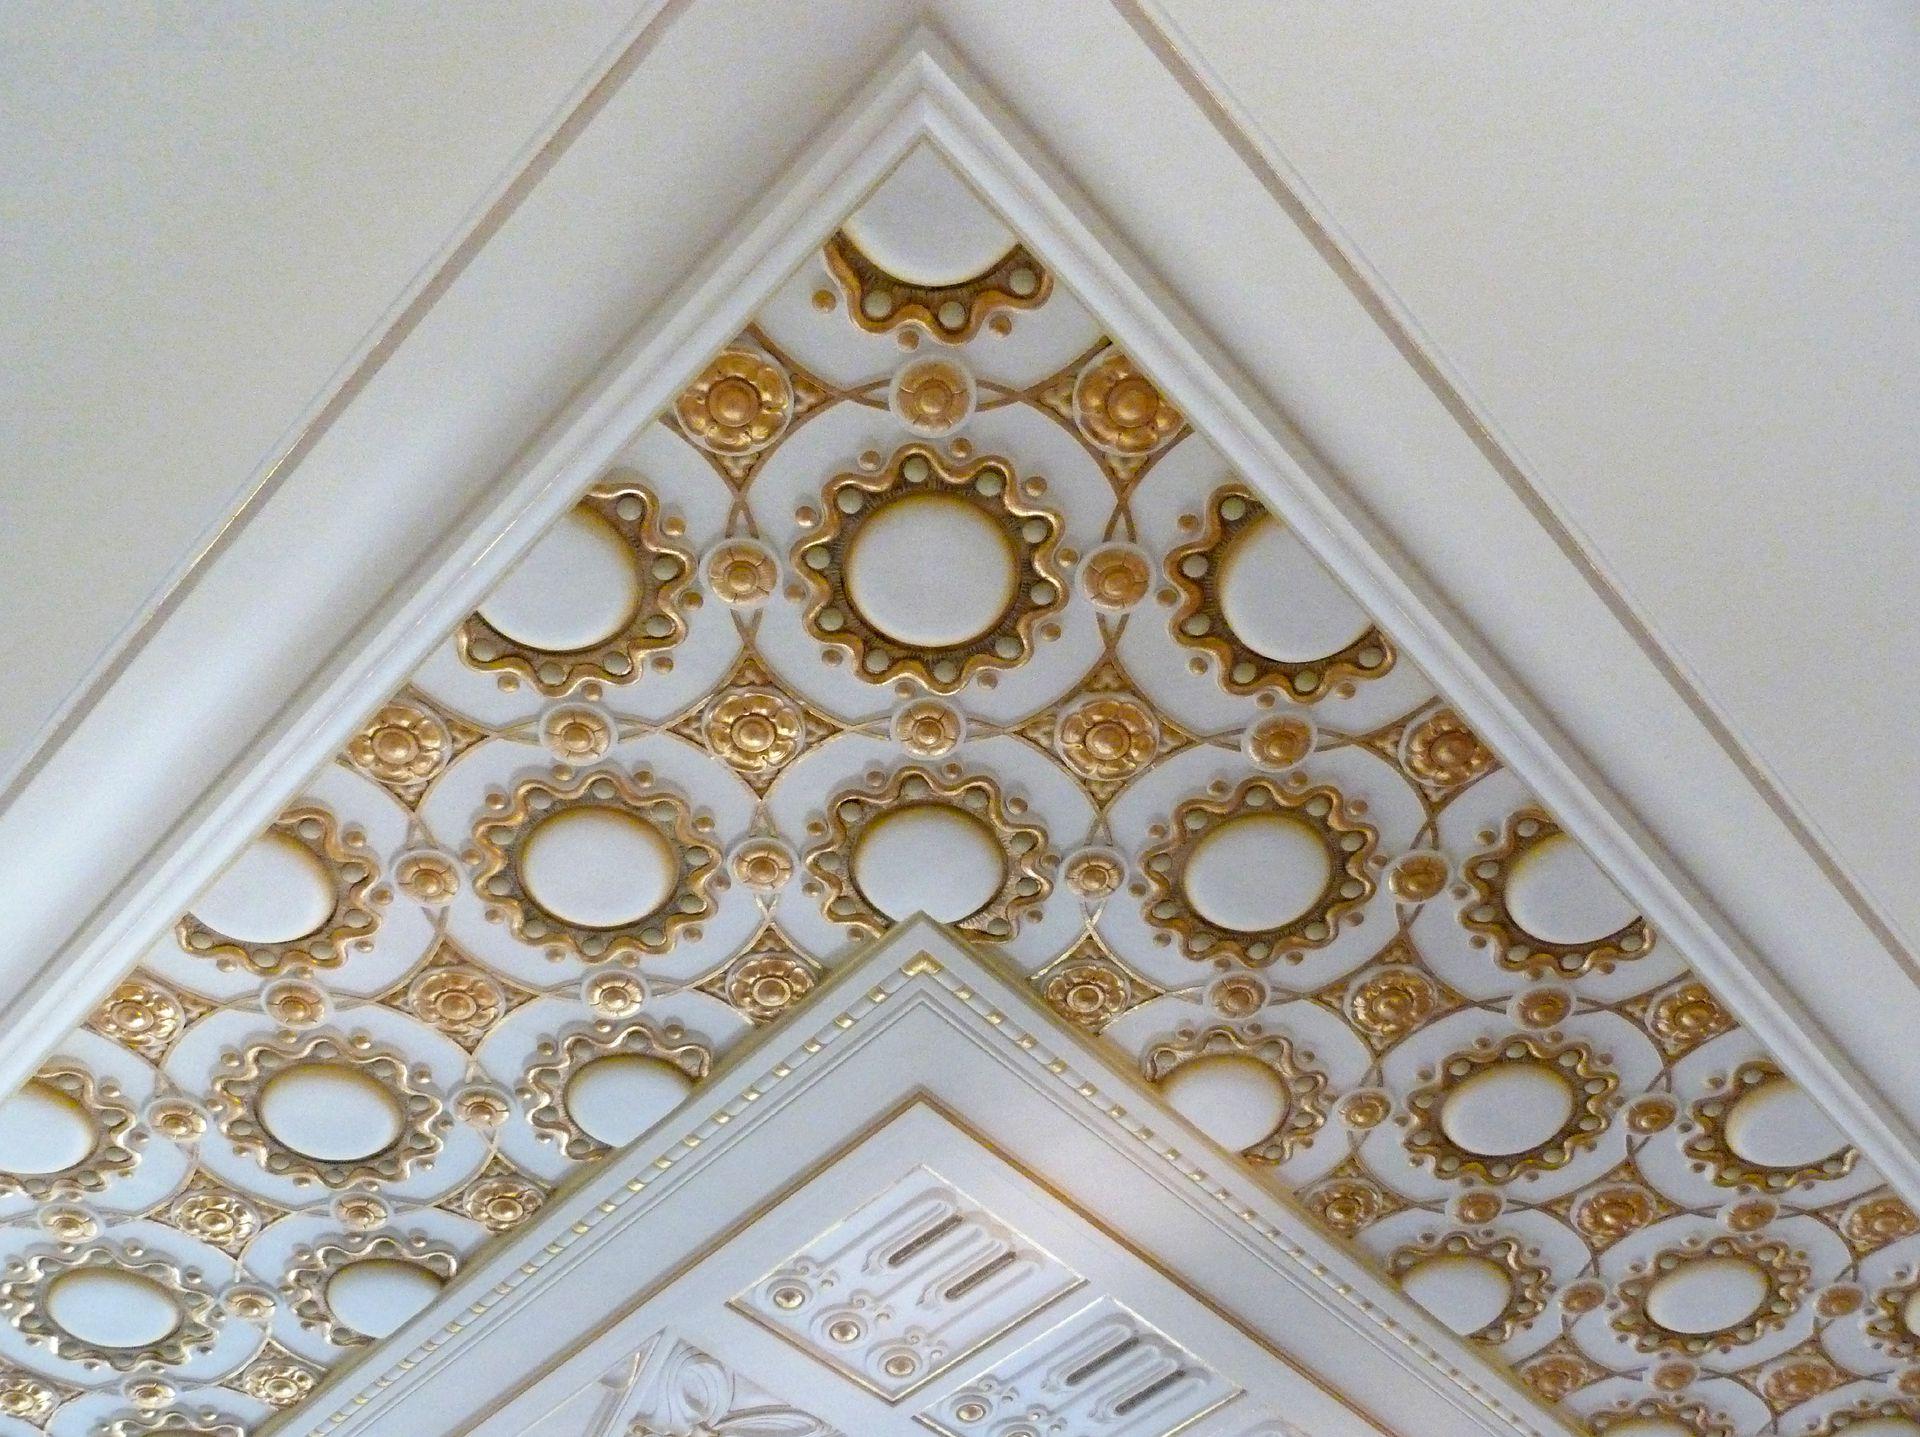 Schloss Faber-Castell Jugendstiltreppenhaus, Obergeschoss, Gipsplafond